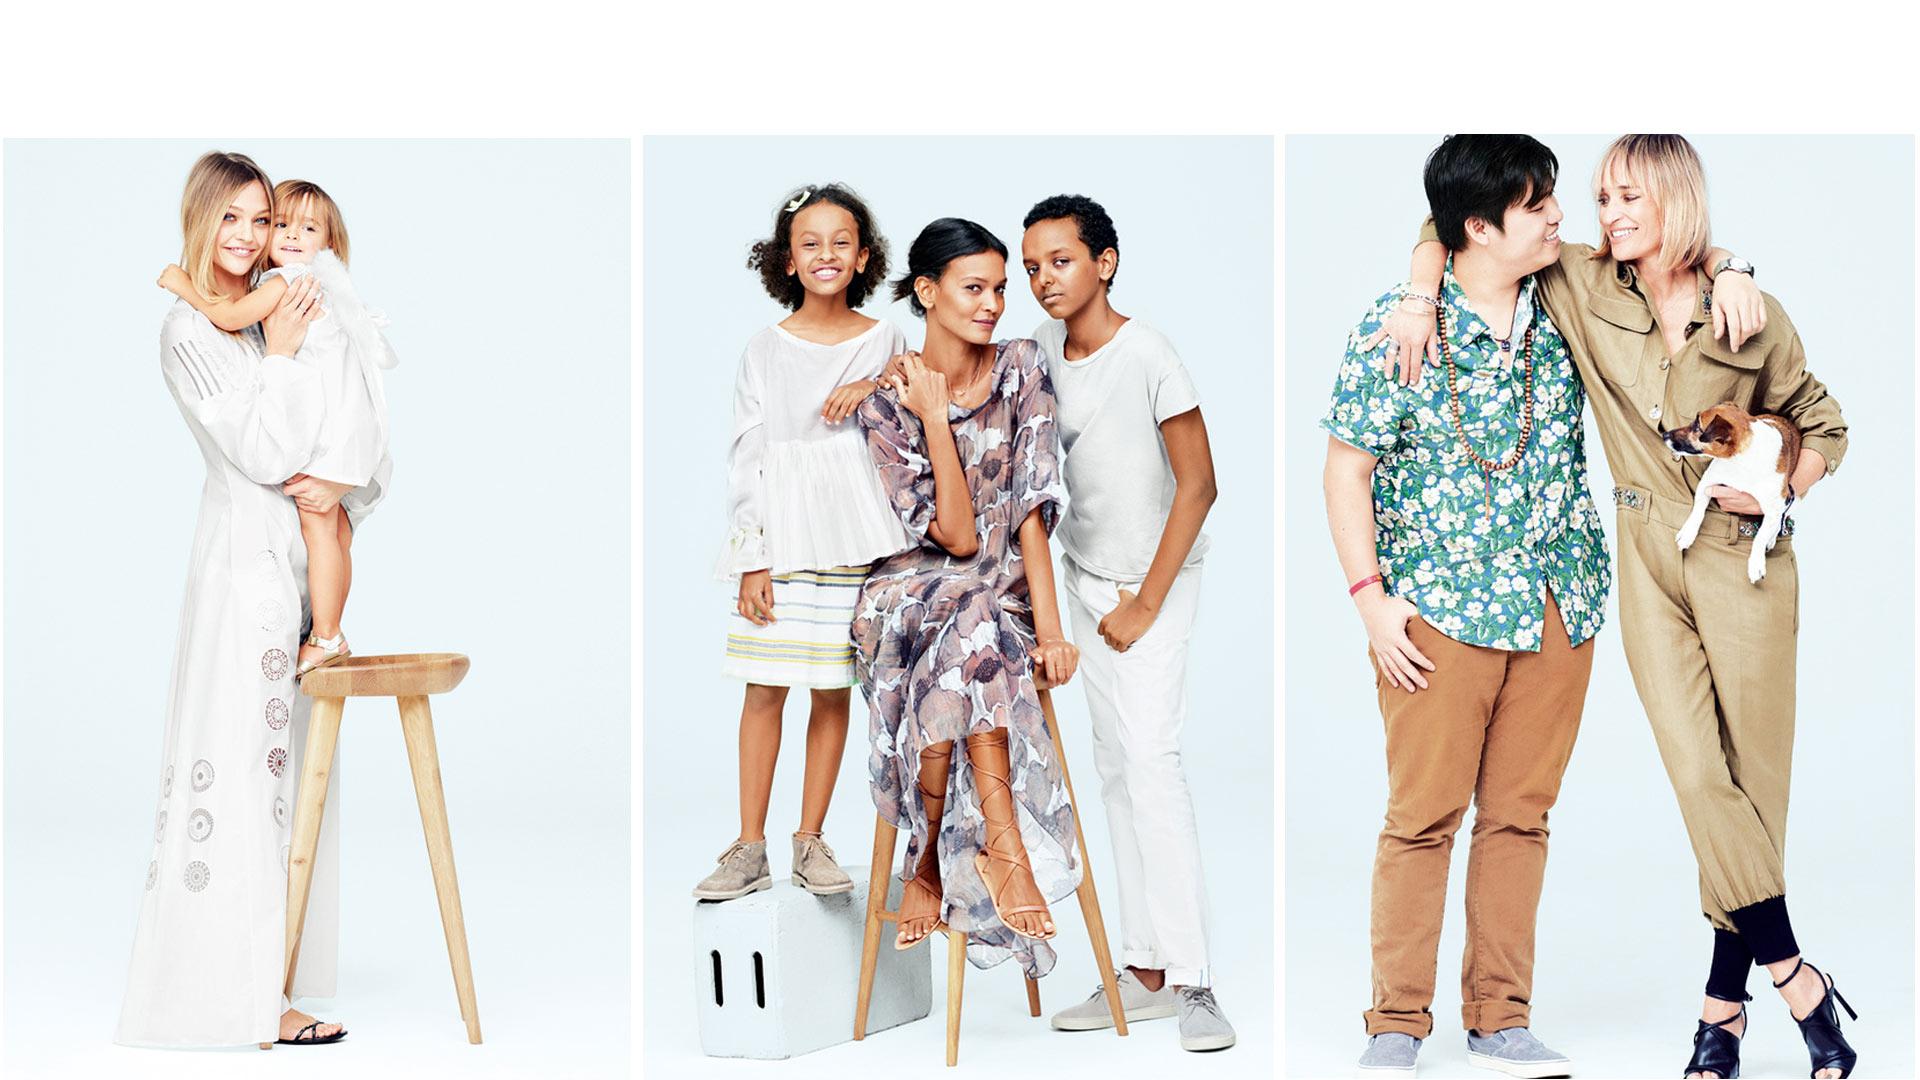 Madres del mundo de la moda y del arte posan con sus hijos para demostrar todo su glamour